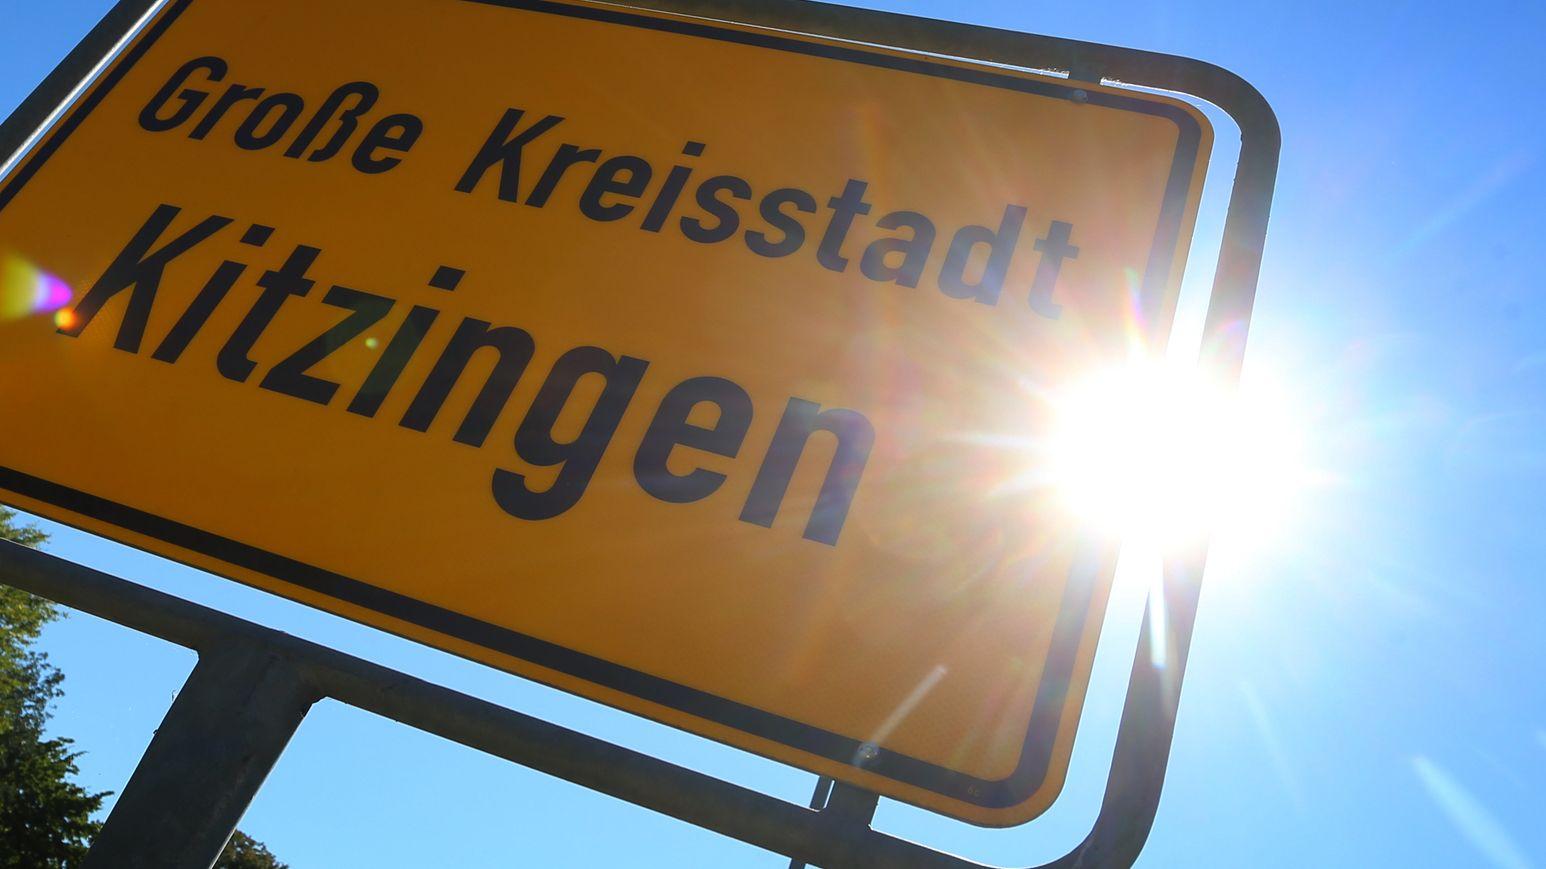 ayern, Kitzingen: Die Sonne steht hinter dem Ortsschild. Im bayerischen Kitzingen wurde 2015 mit 40,3 Grad der aktuell gültige deutsche Hitzerekord aufgestellt.